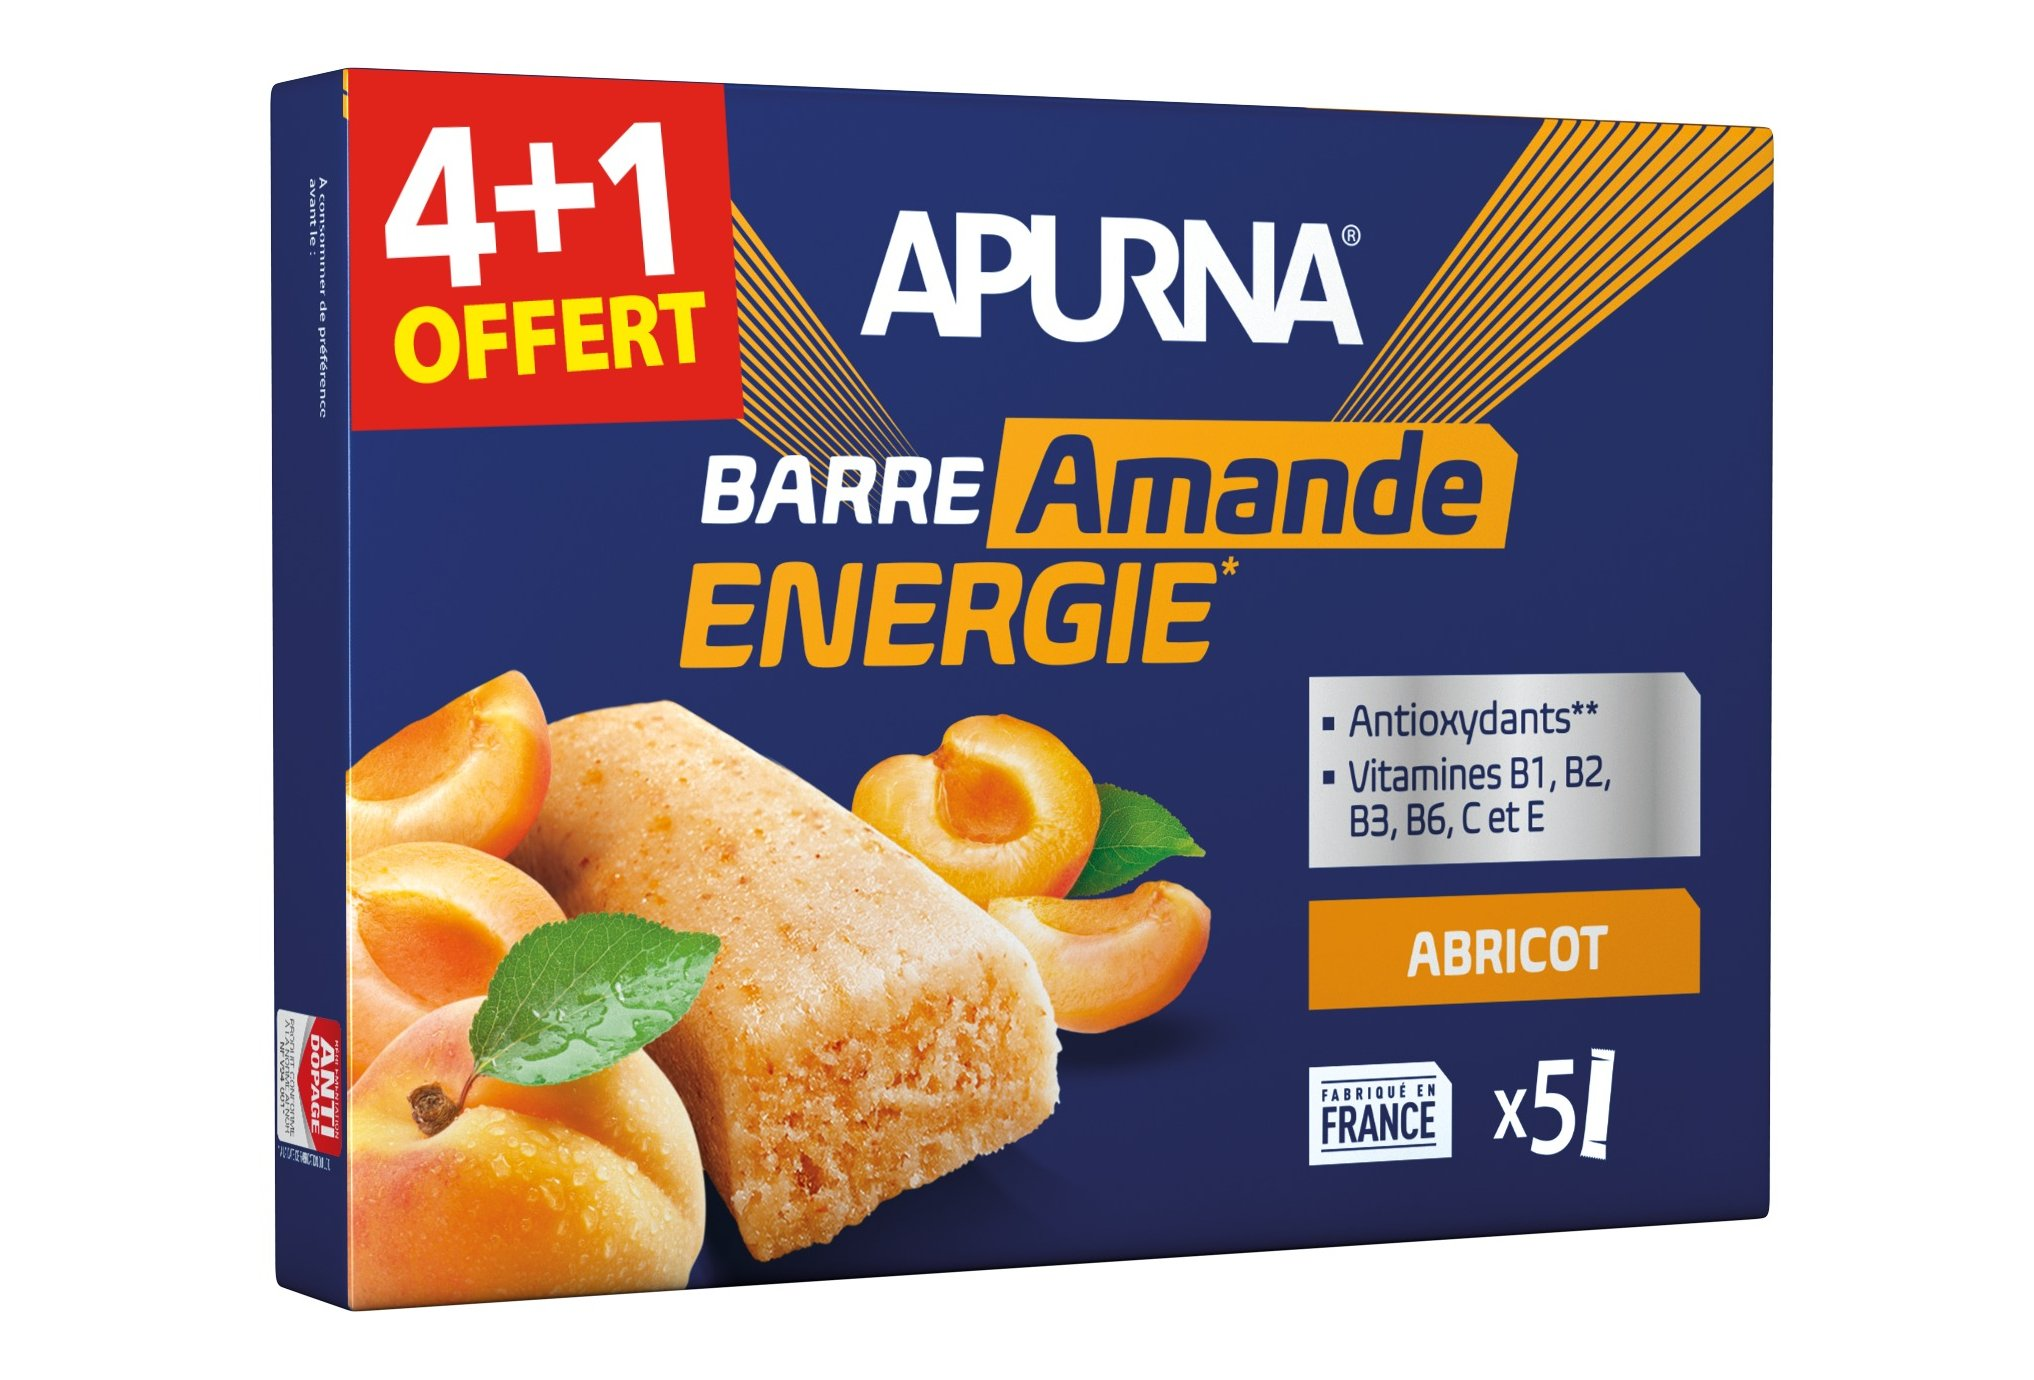 Apurna Pack de barras energéticas albaricoque almendra 4+1 Diététique Barres